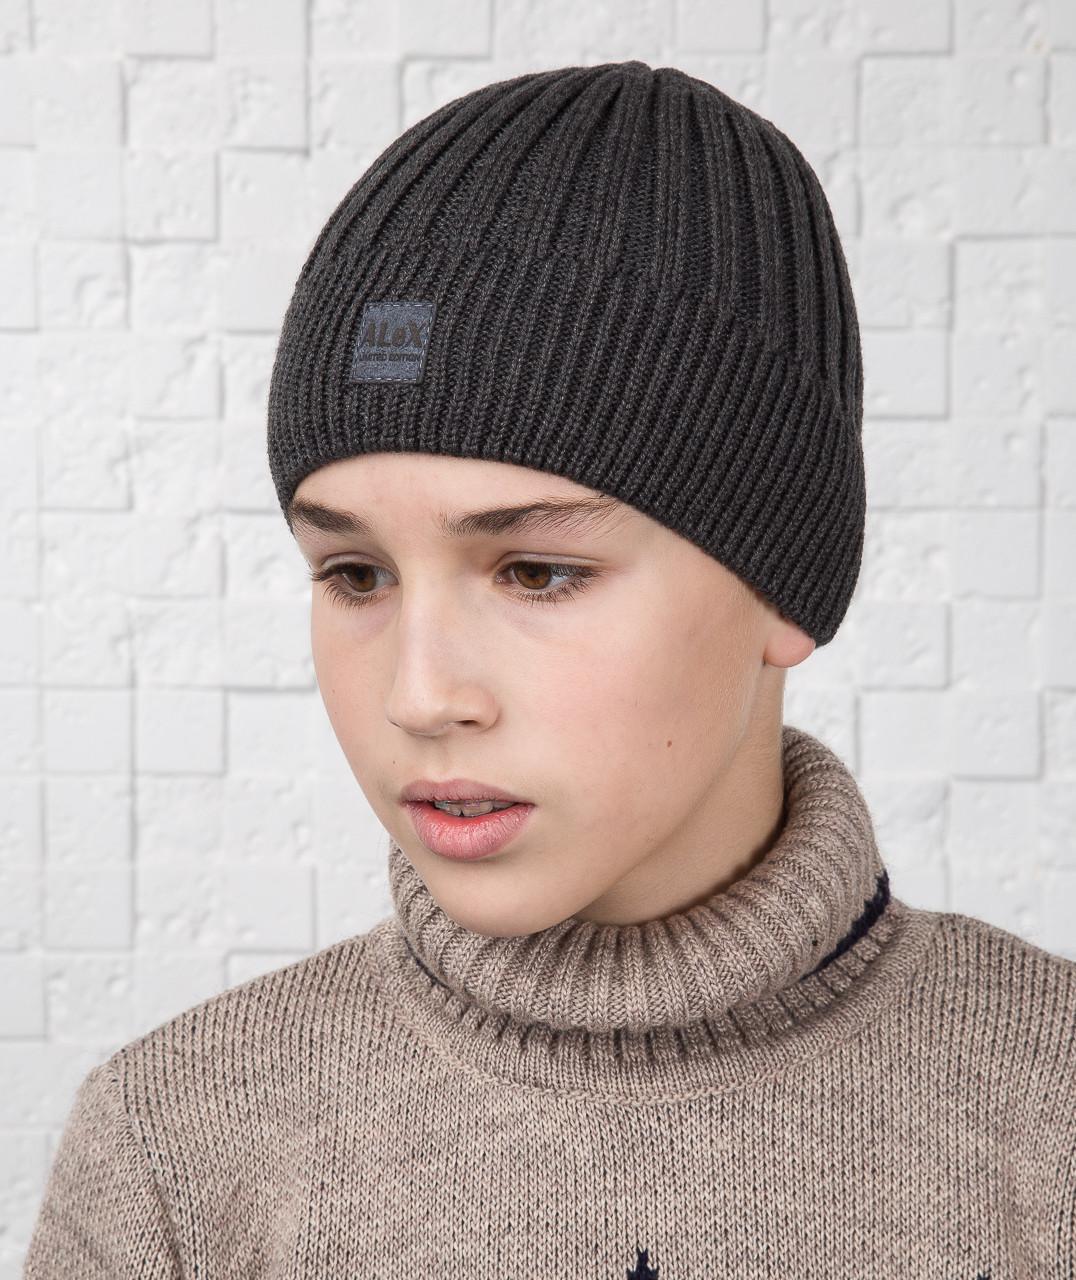 Модная вязаная шапка для мальчика подростка на флисе - Артикул AL17039